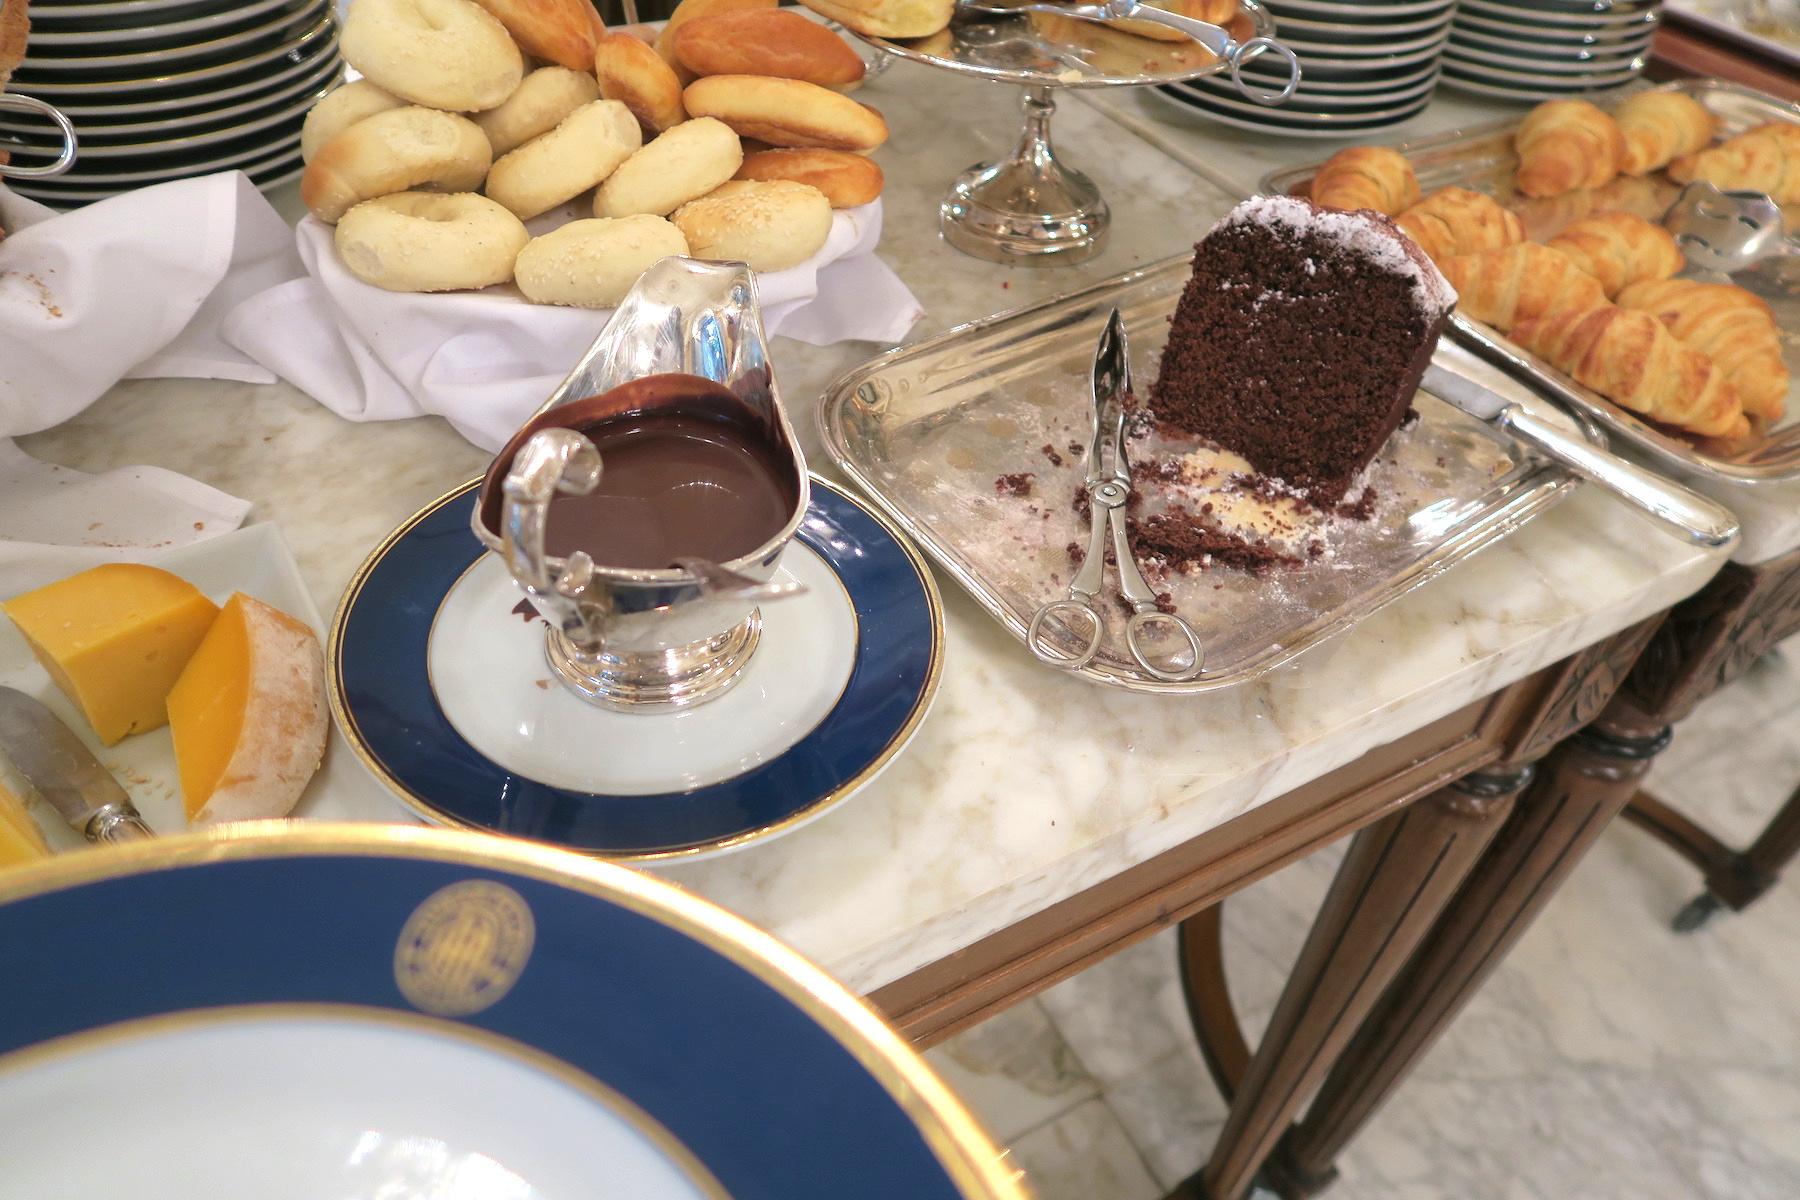 hotel-alvear-buenos-aires-blog-beta-pinheiro-bolo-chocolate